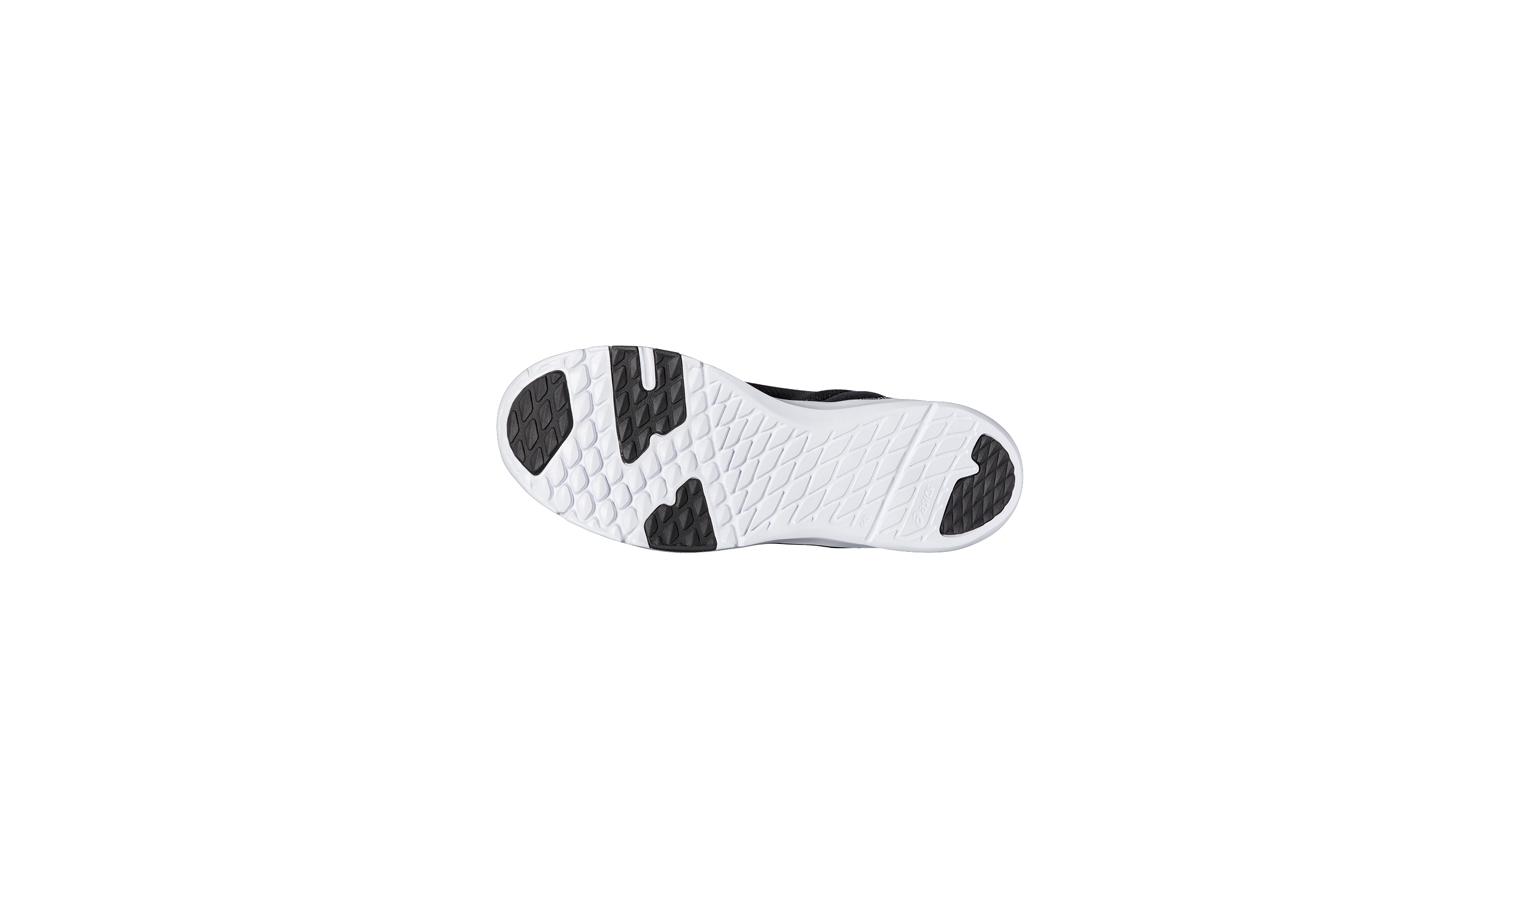 57c20bc8892 Dámské tréninkové boty Asics GEL-FIT SANA 3 W černé